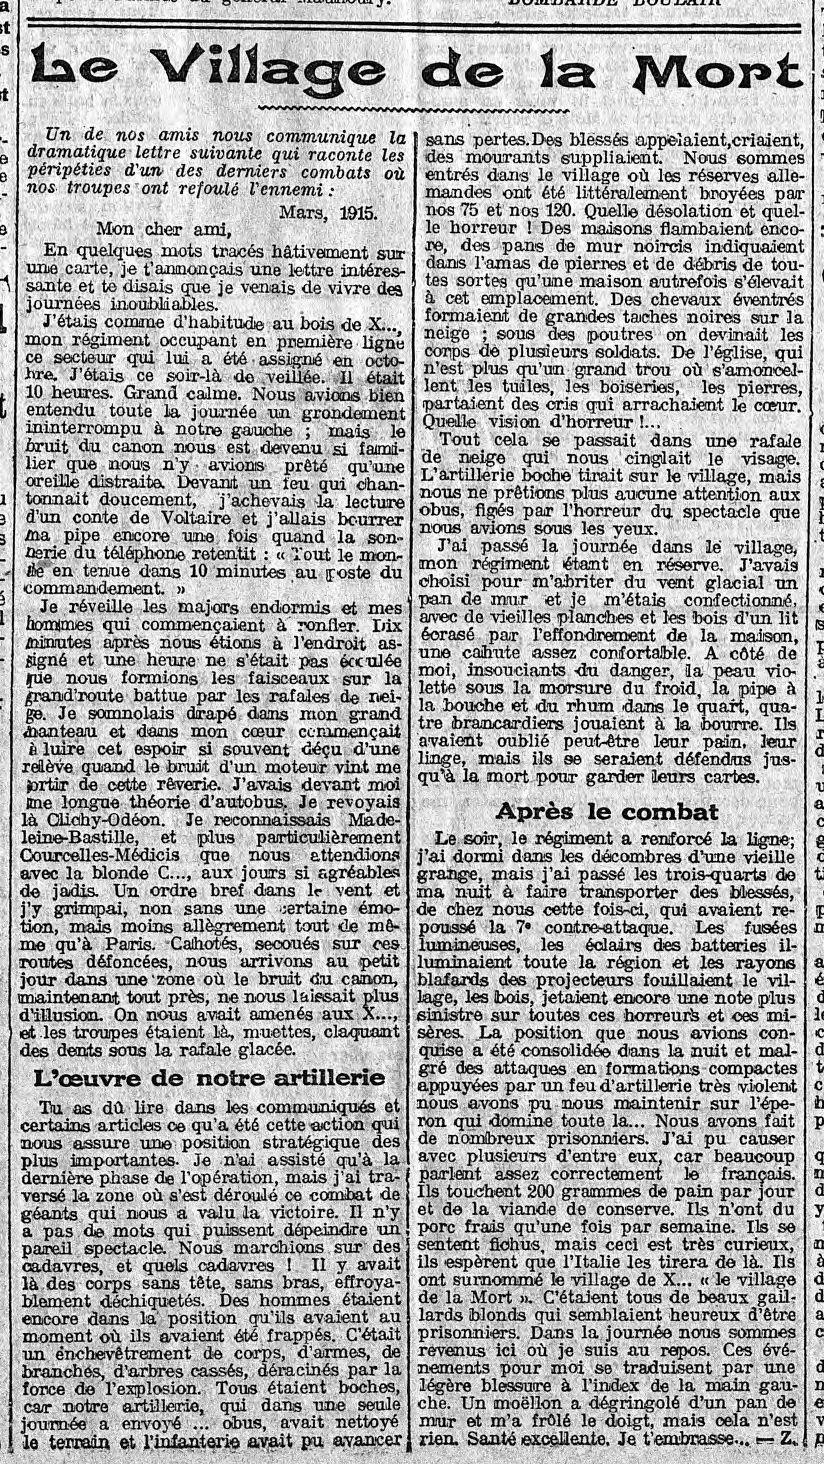 13_mars_1915.jpg